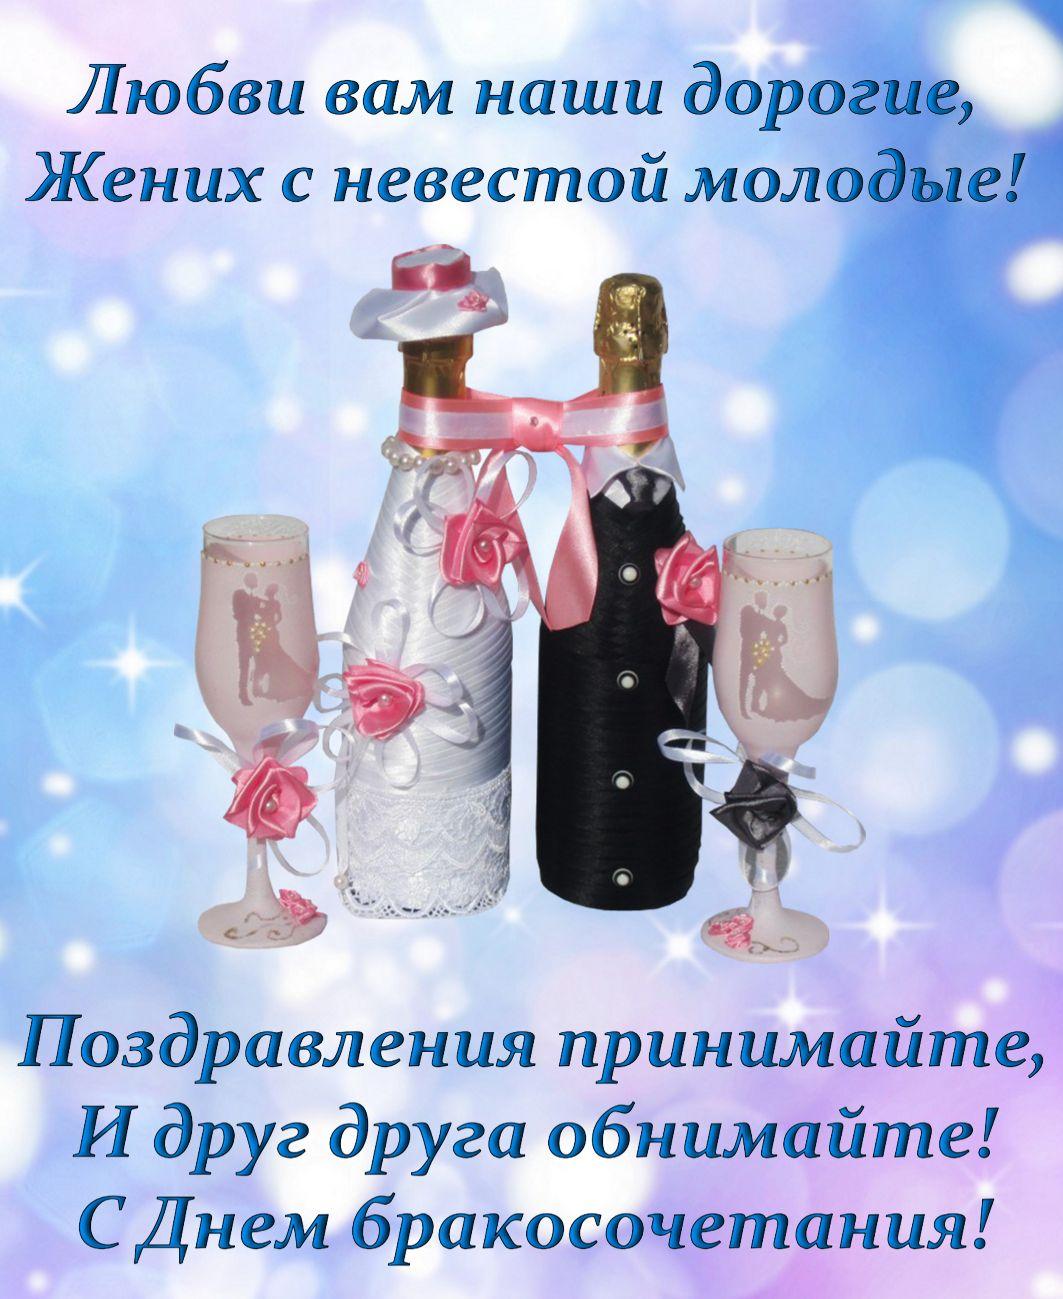 Поздравления с днем свадьбы сценка для друзей